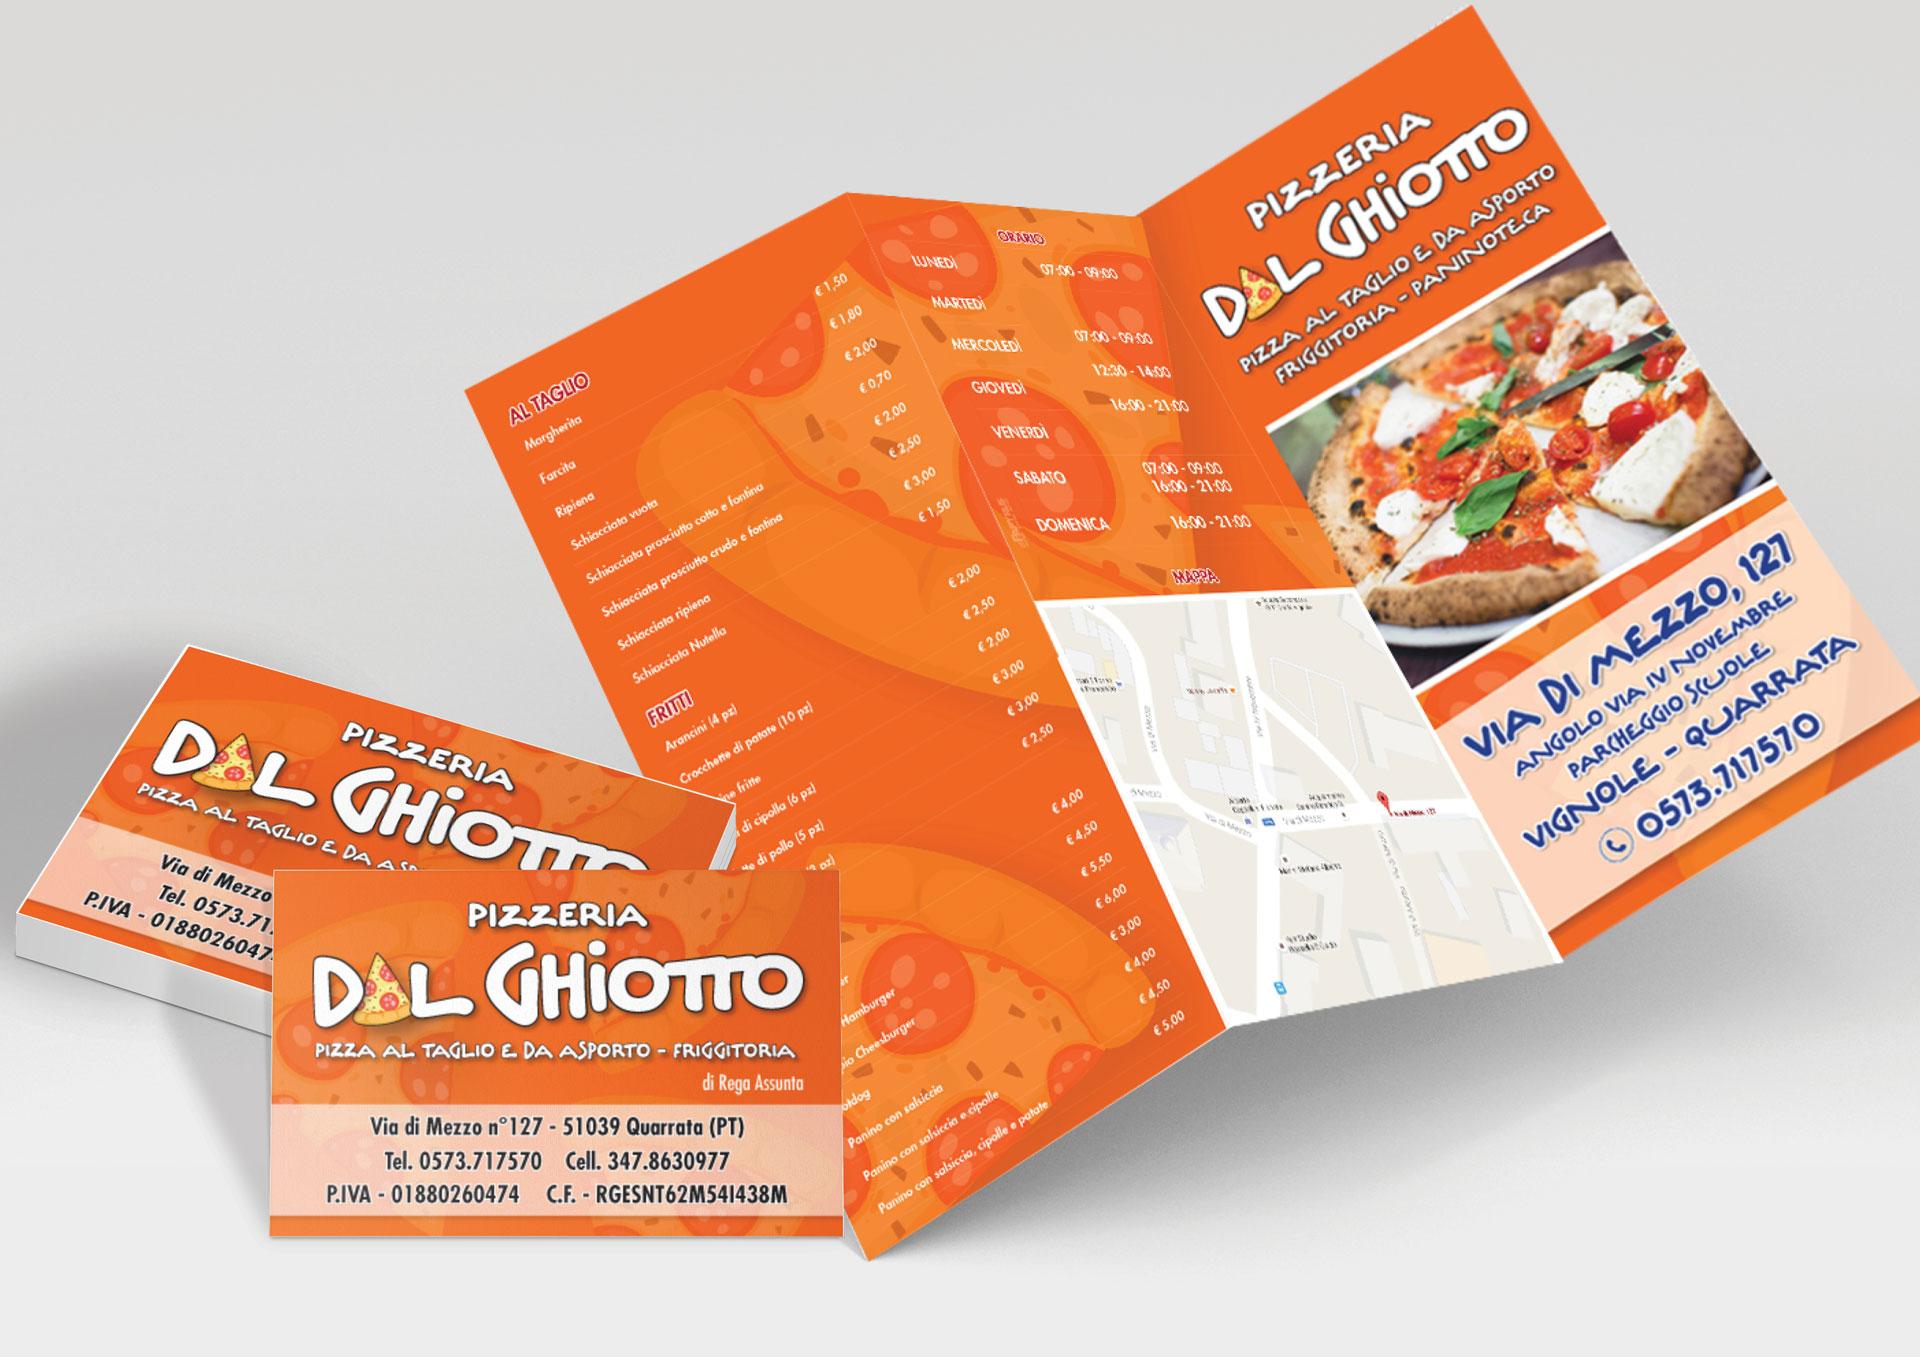 Pizzeria Dal Ghiotto